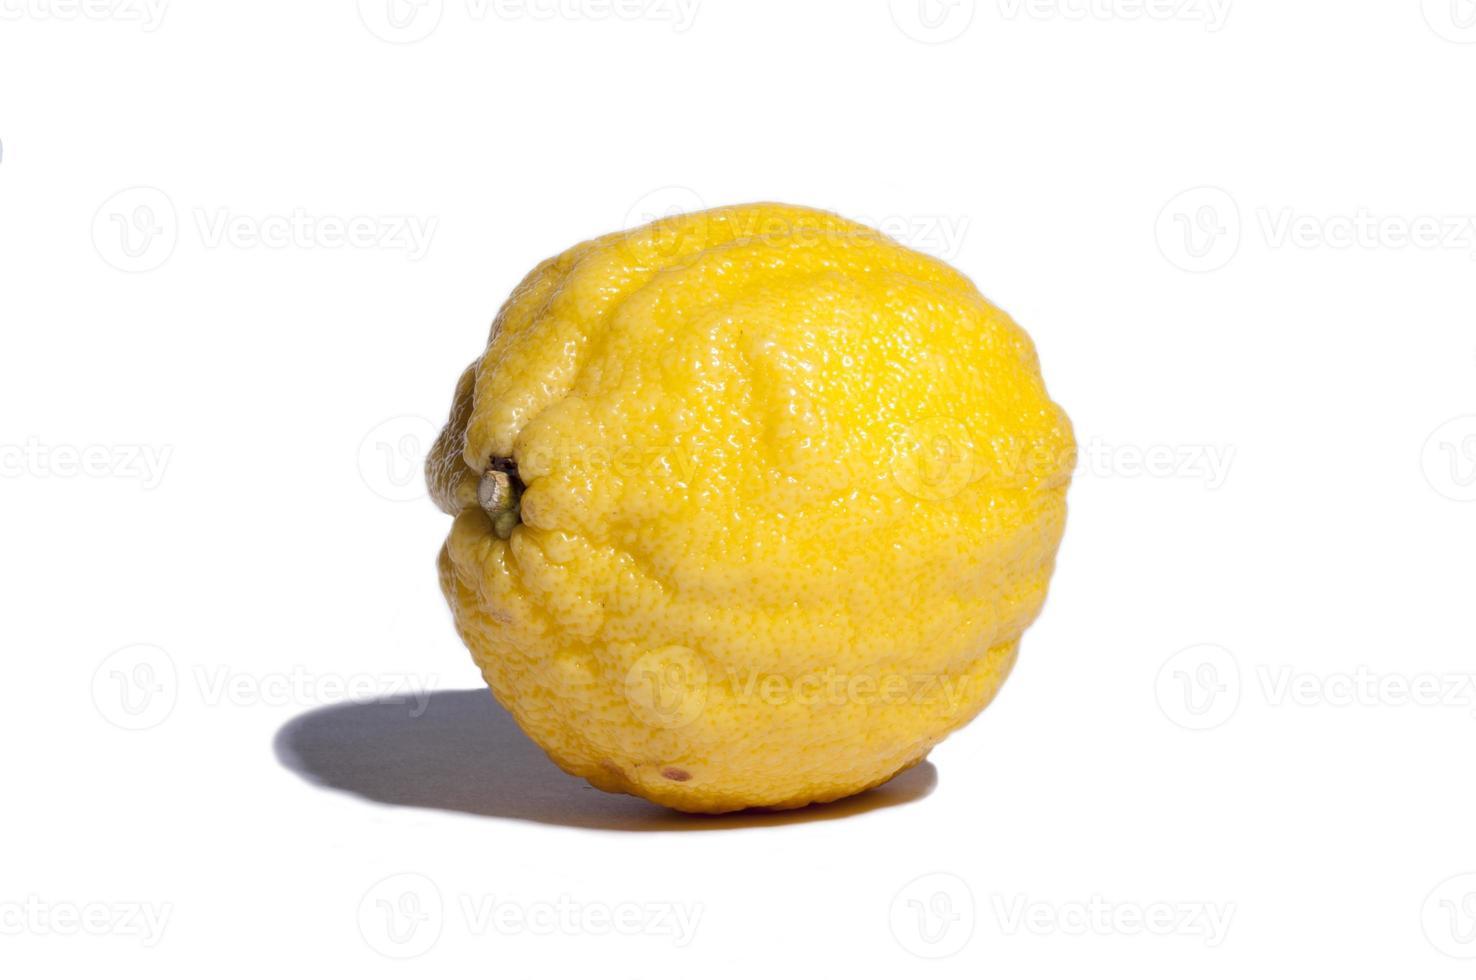 Zitrone lokalisiert auf weißem Hintergrund foto